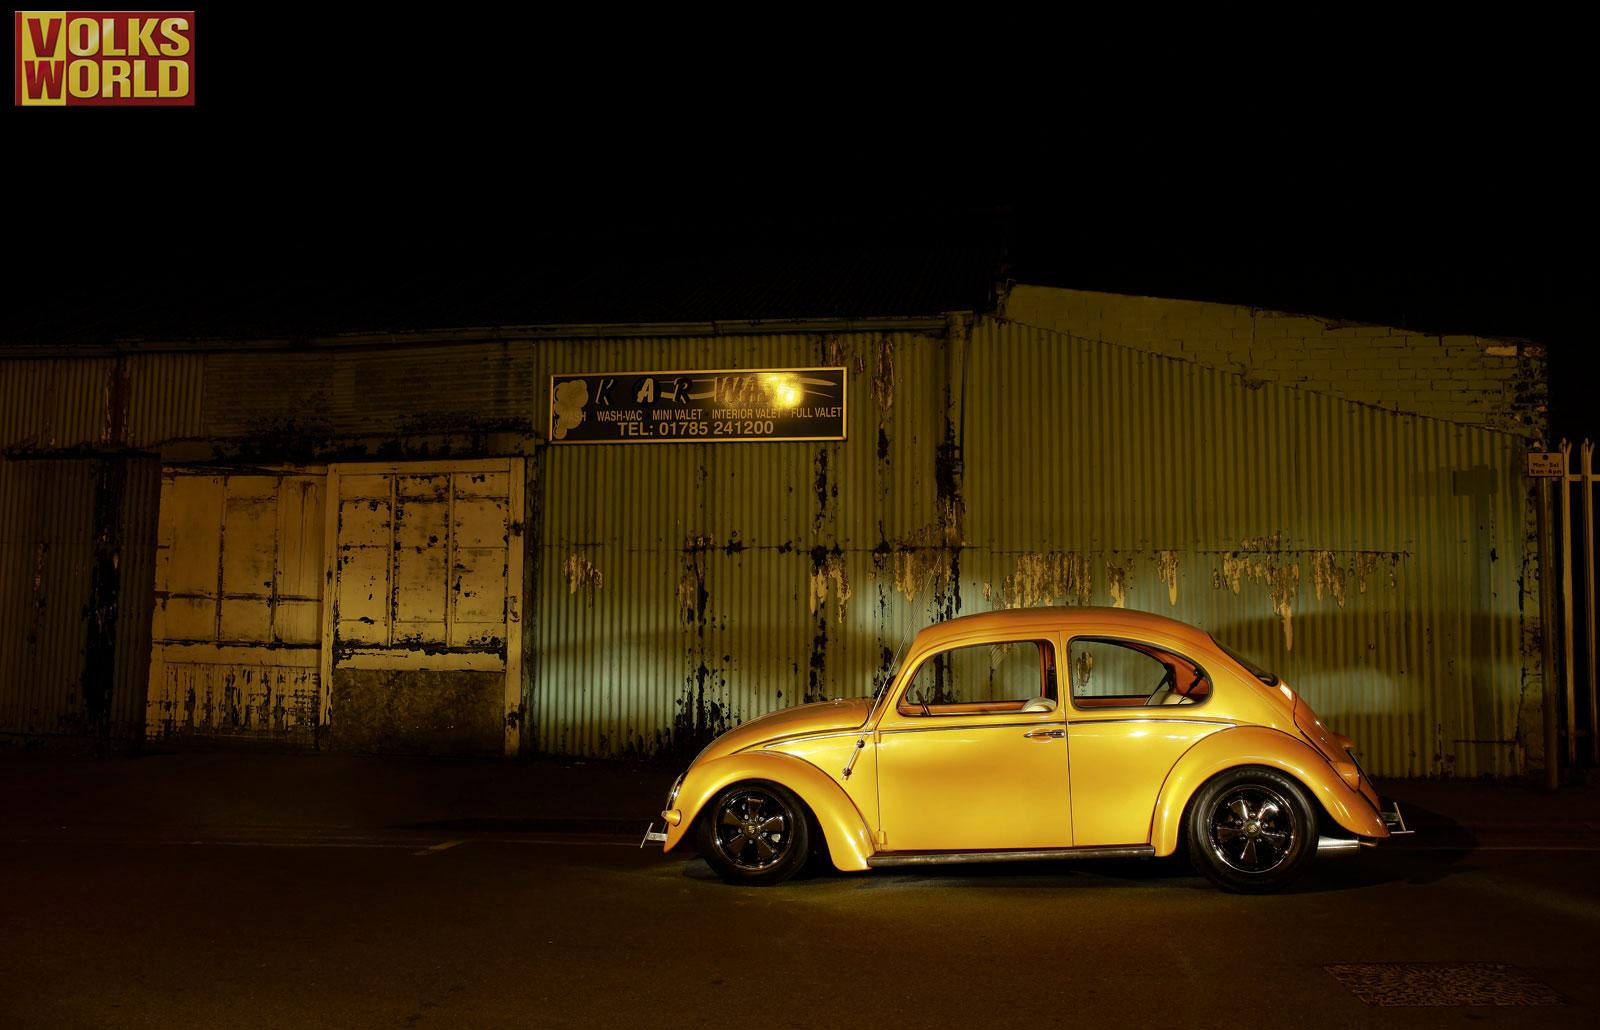 BR look Blog dedicated to VW Beetles 1600x1030